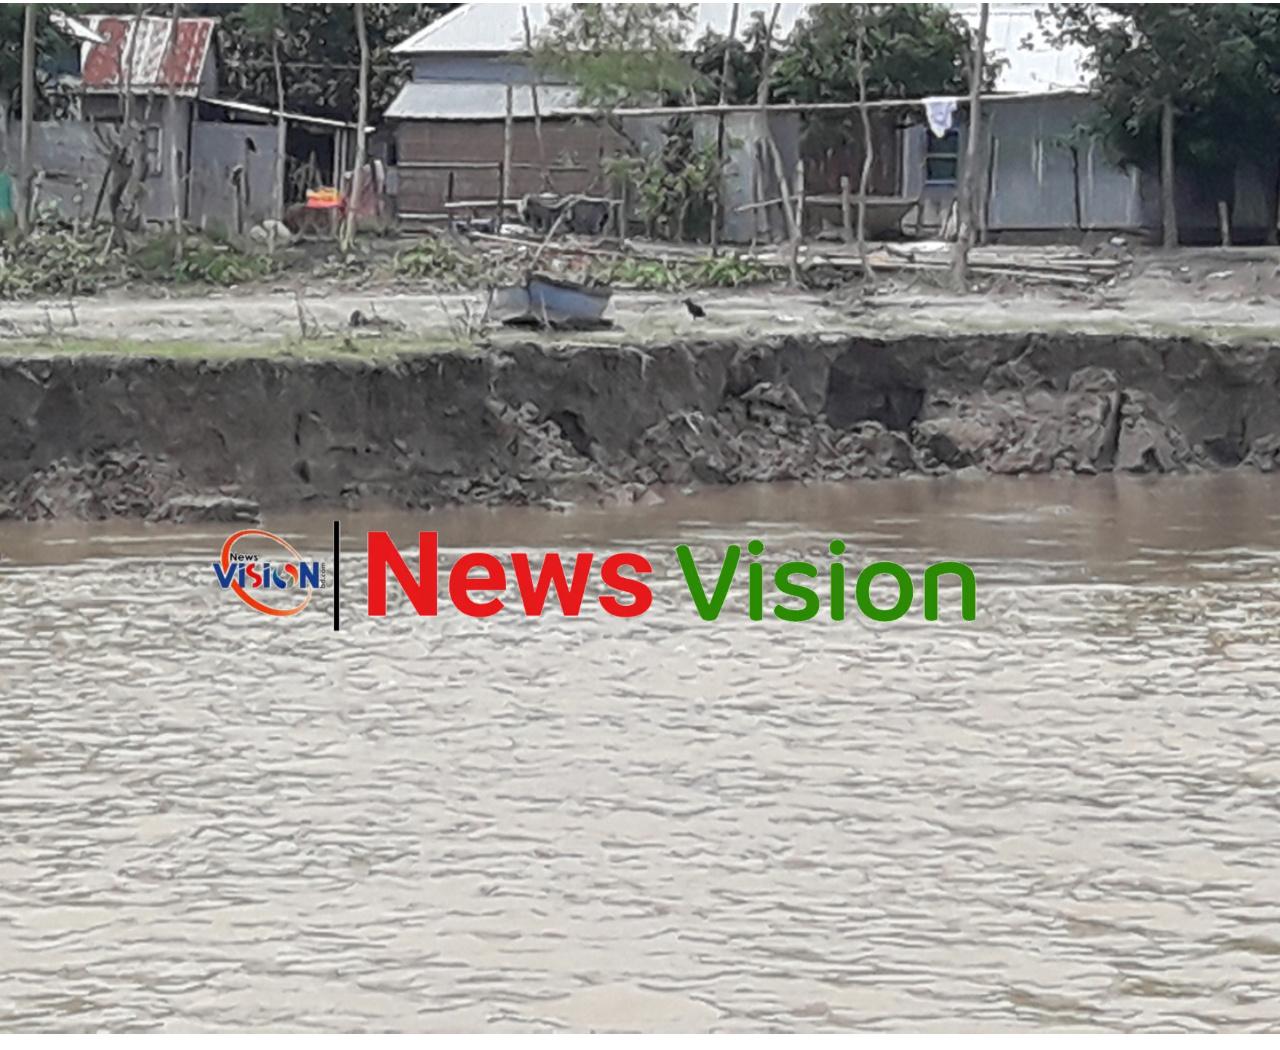 দেওয়ানগঞ্জে ব্রহ্মপুত্রের ভাঙ্গন :  বিলীন হচ্ছে ফসলি জমি বসত ভিটা